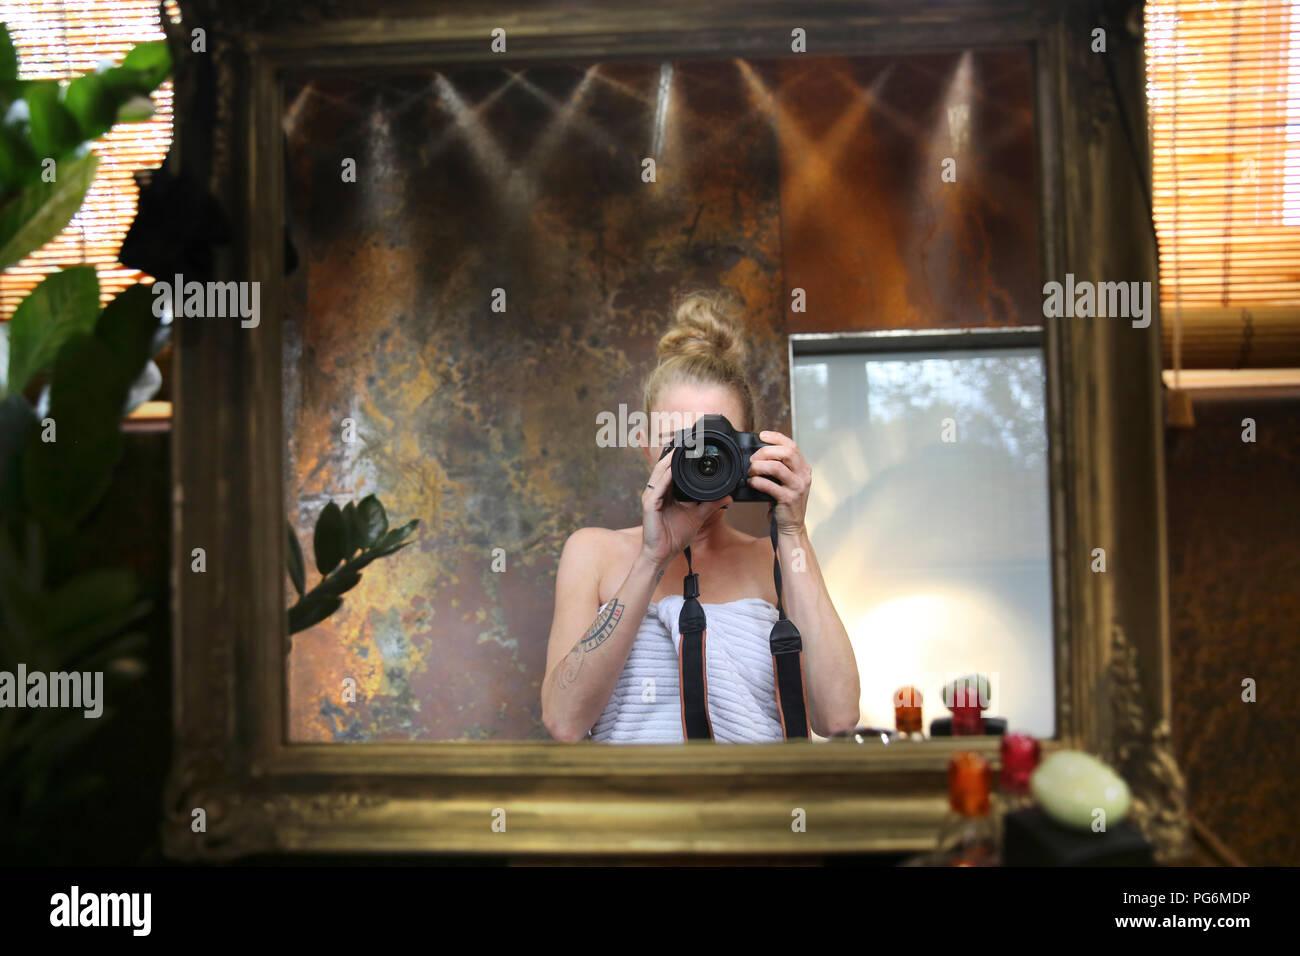 Spiegel Bild der Frau unter selfie mit Kamera im Badezimmer ...